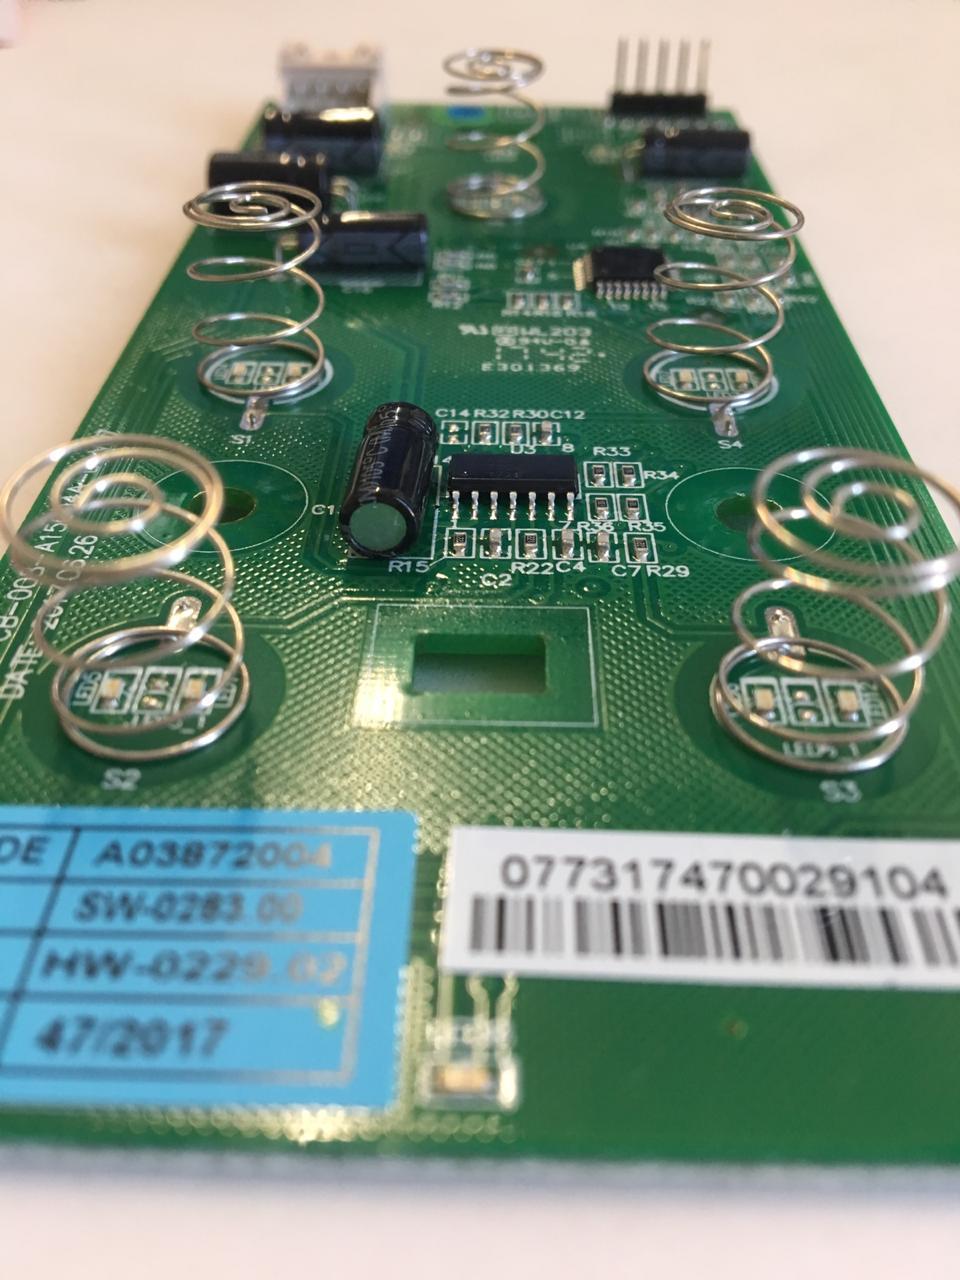 Placa De Interface Para Geladeira Df44 Df53 Df54 Electrolux - A03872004